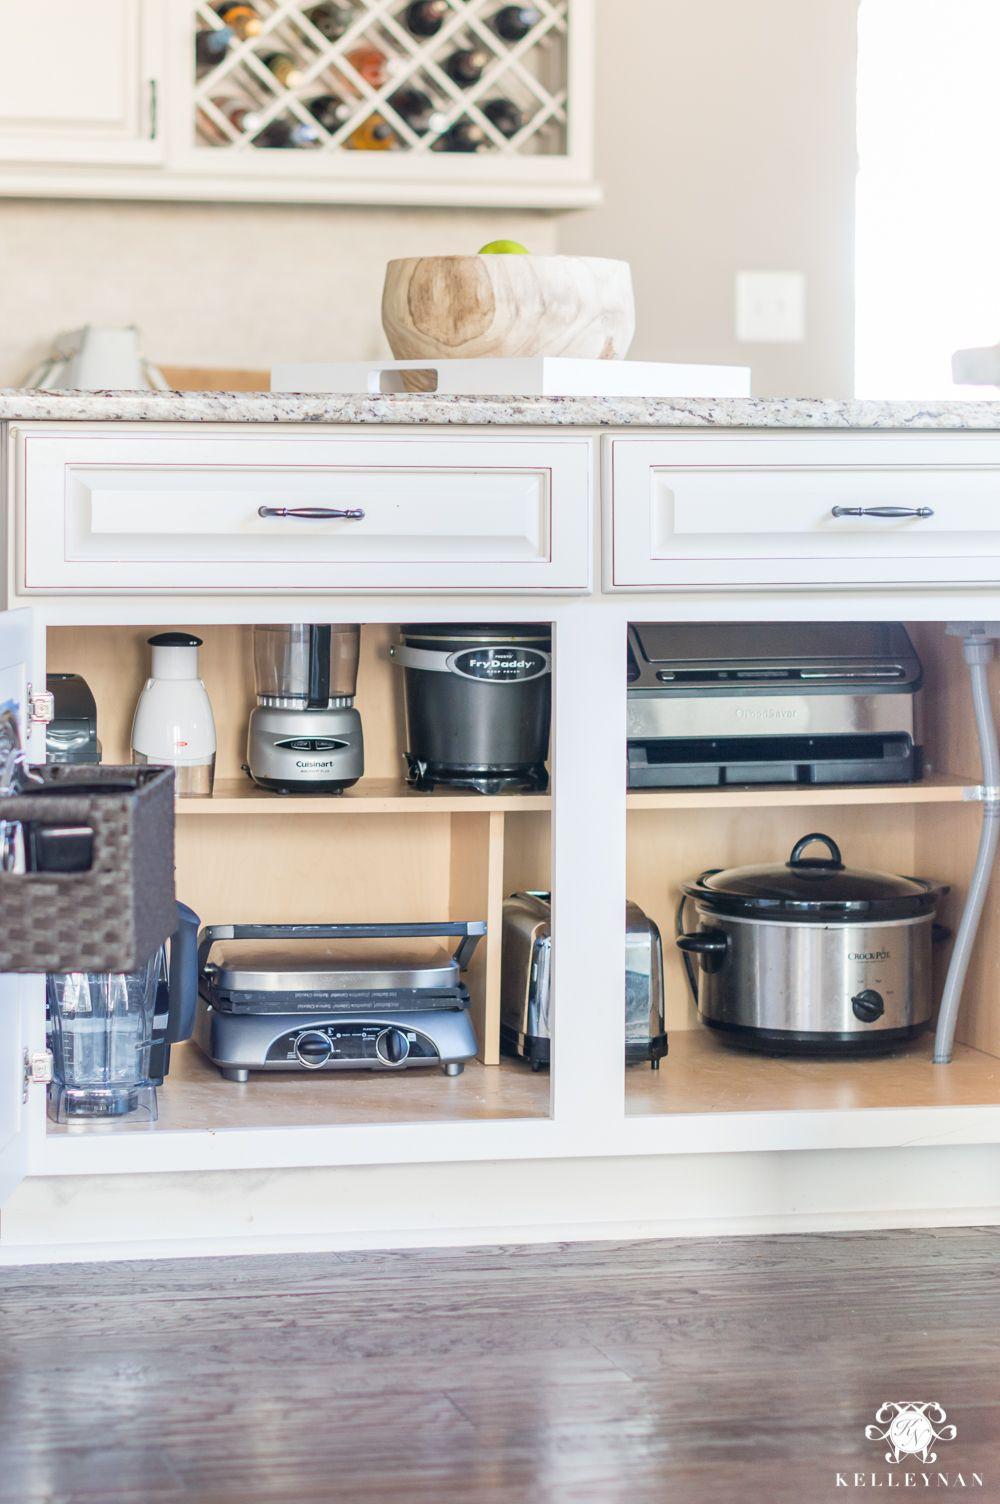 14. Lower Cabinet Storage For Kitchen Appliances